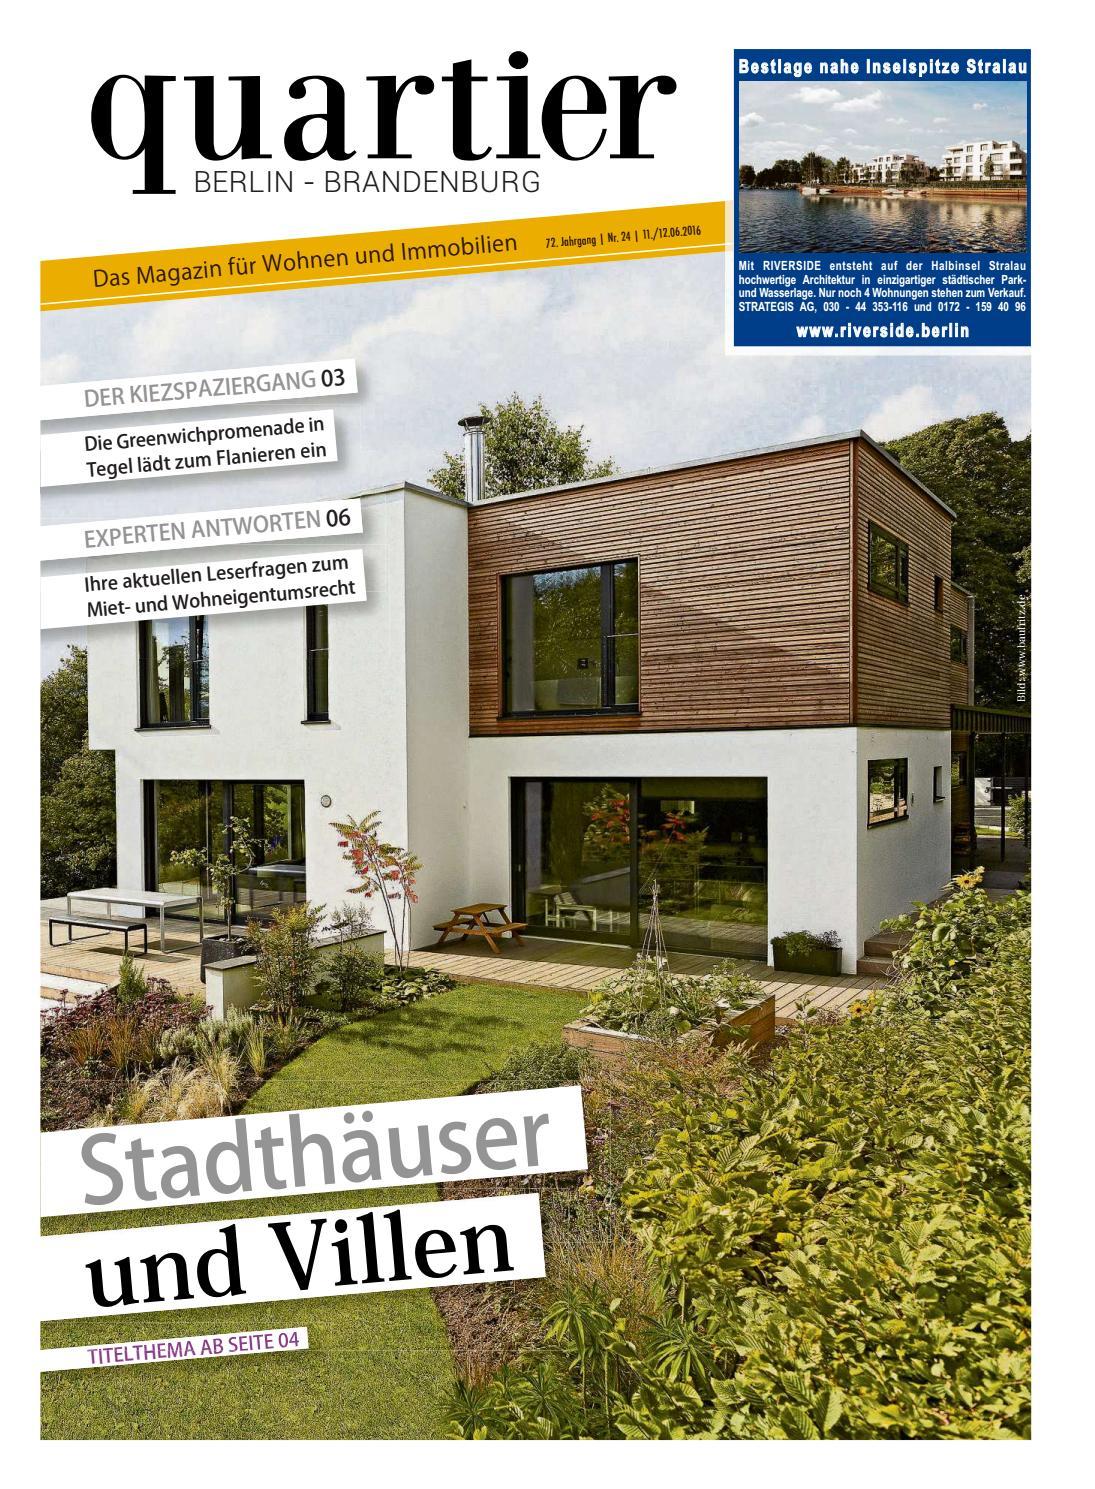 quartier - Städtehäuser und Villen by Berlin Medien GmbH - issuu